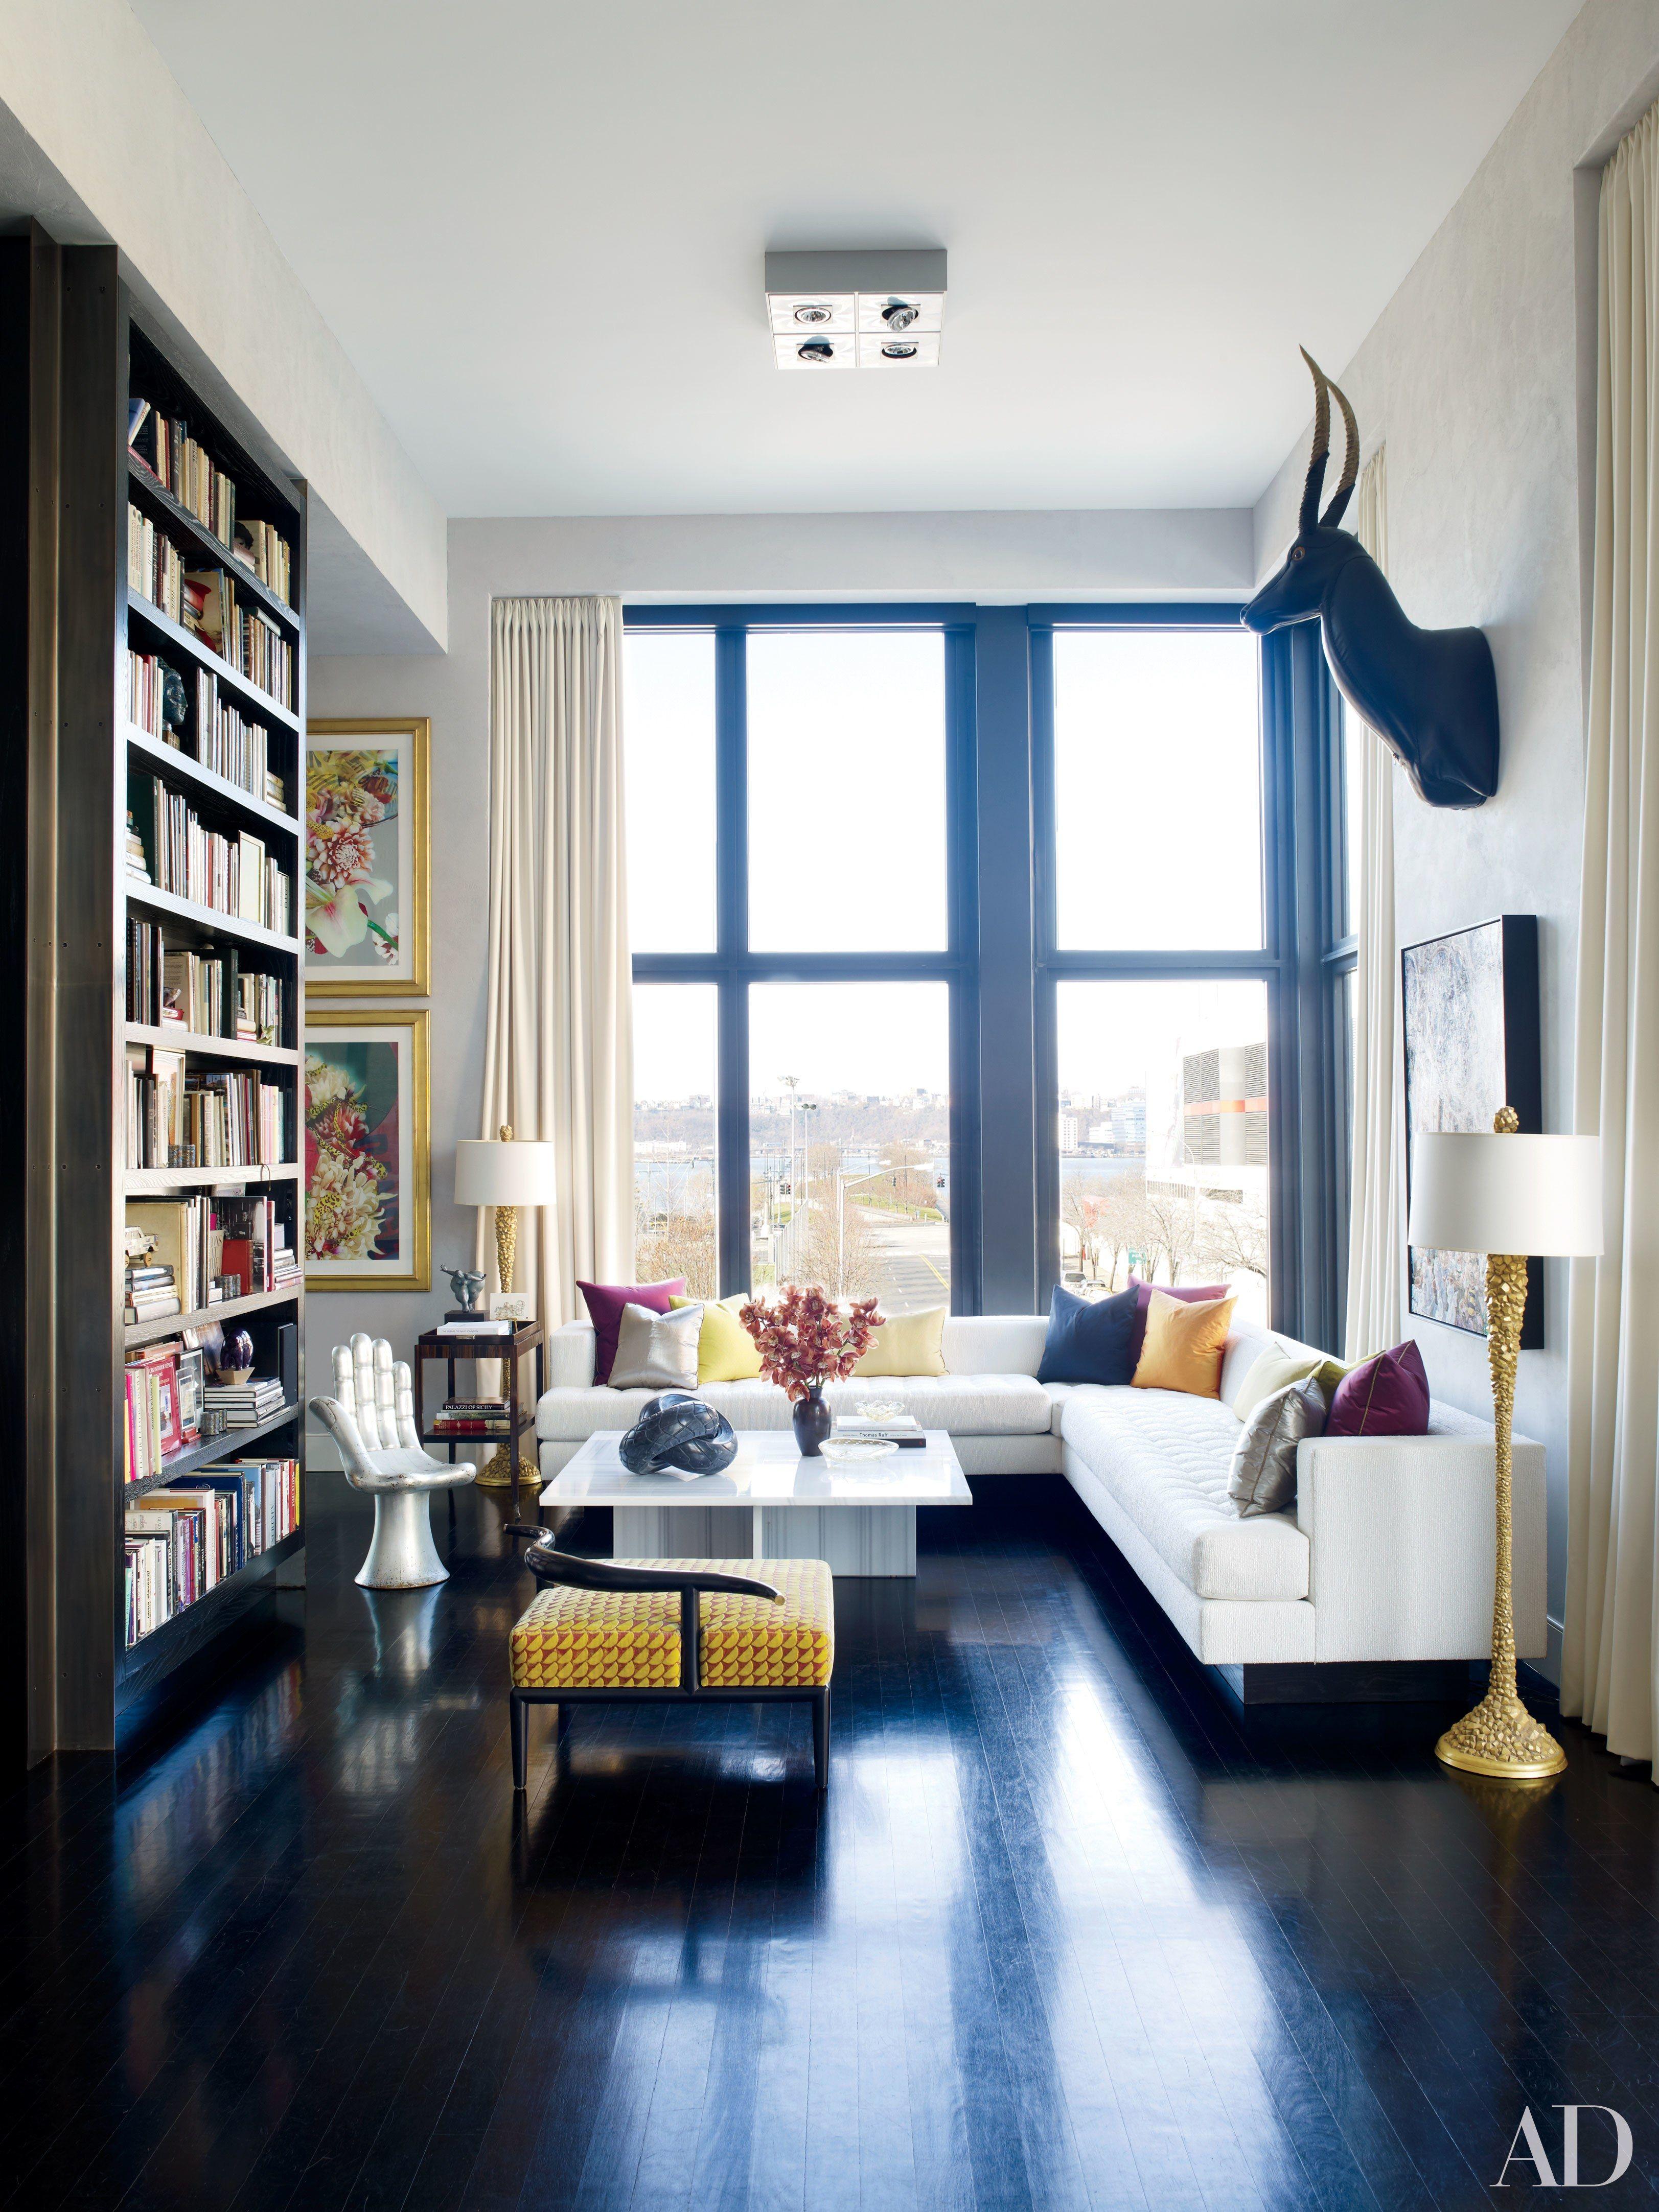 21 Sectional Sofas That Make The Room Con Imagenes Interiores Del Hogar Decoracion De Salas Pequenas Decoracion De Interiores